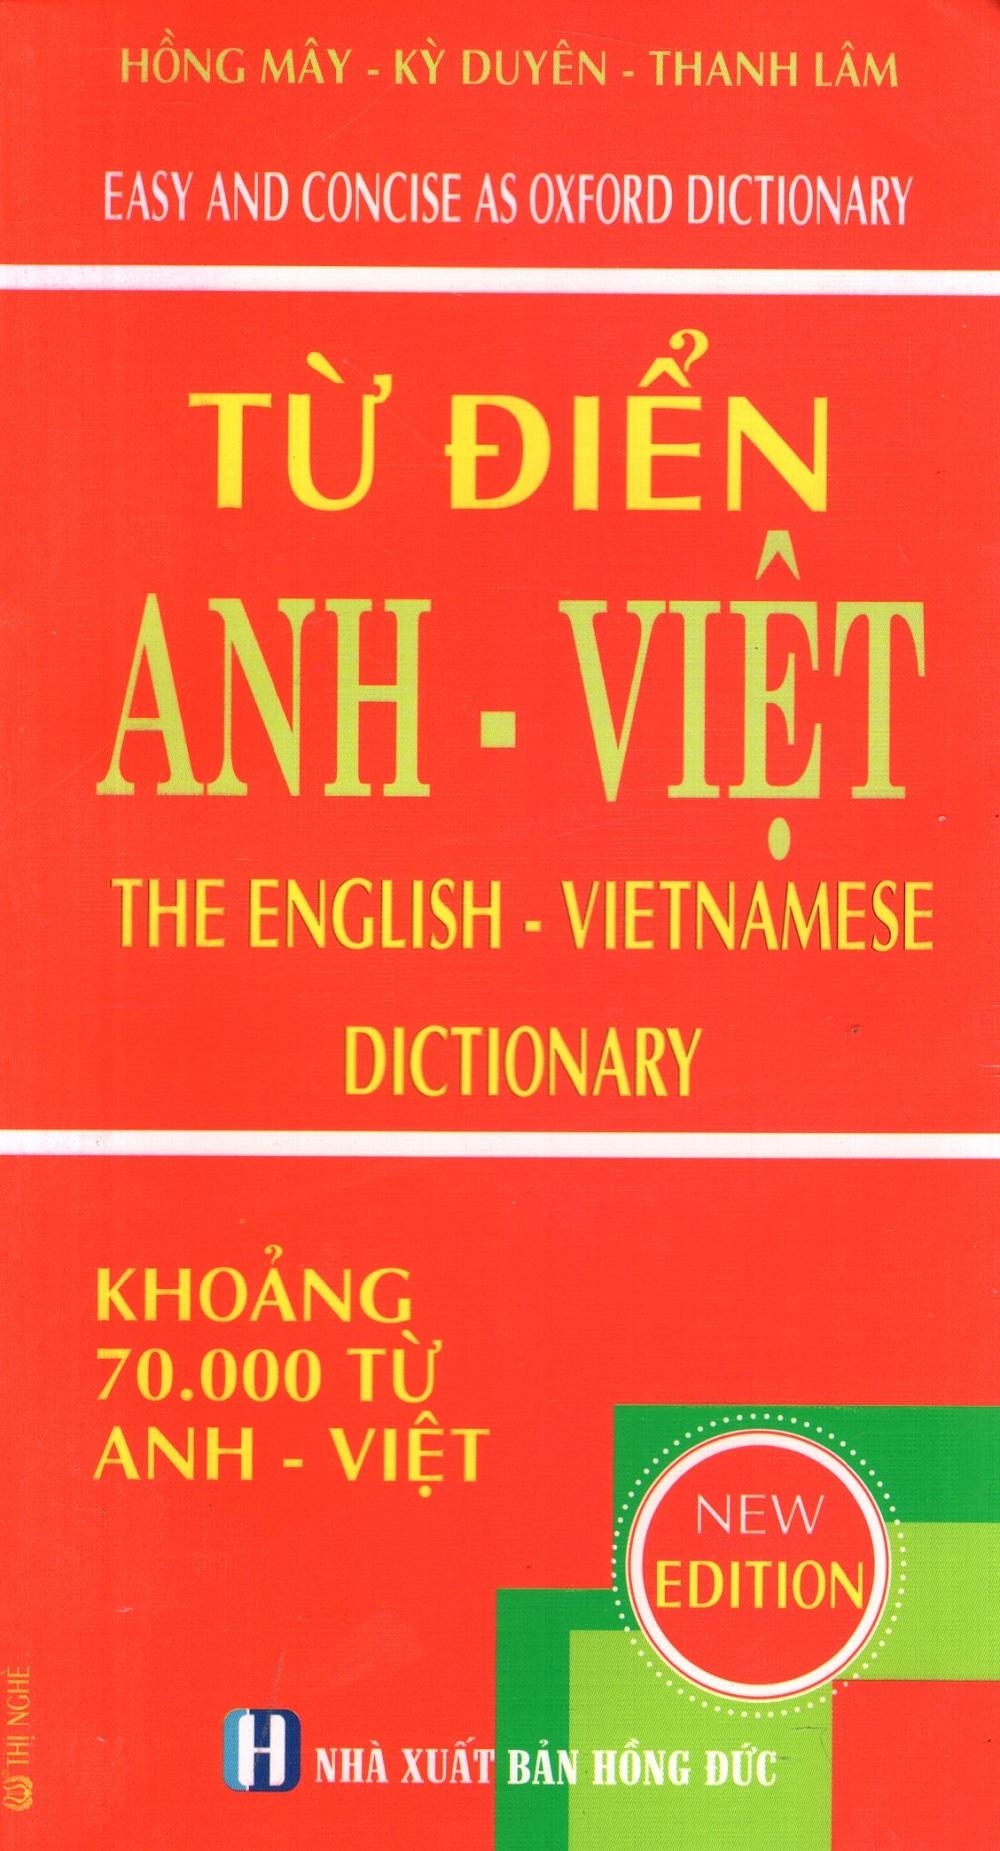 Từ Điển Anh - Việt (Khoảng 70.000 Từ)